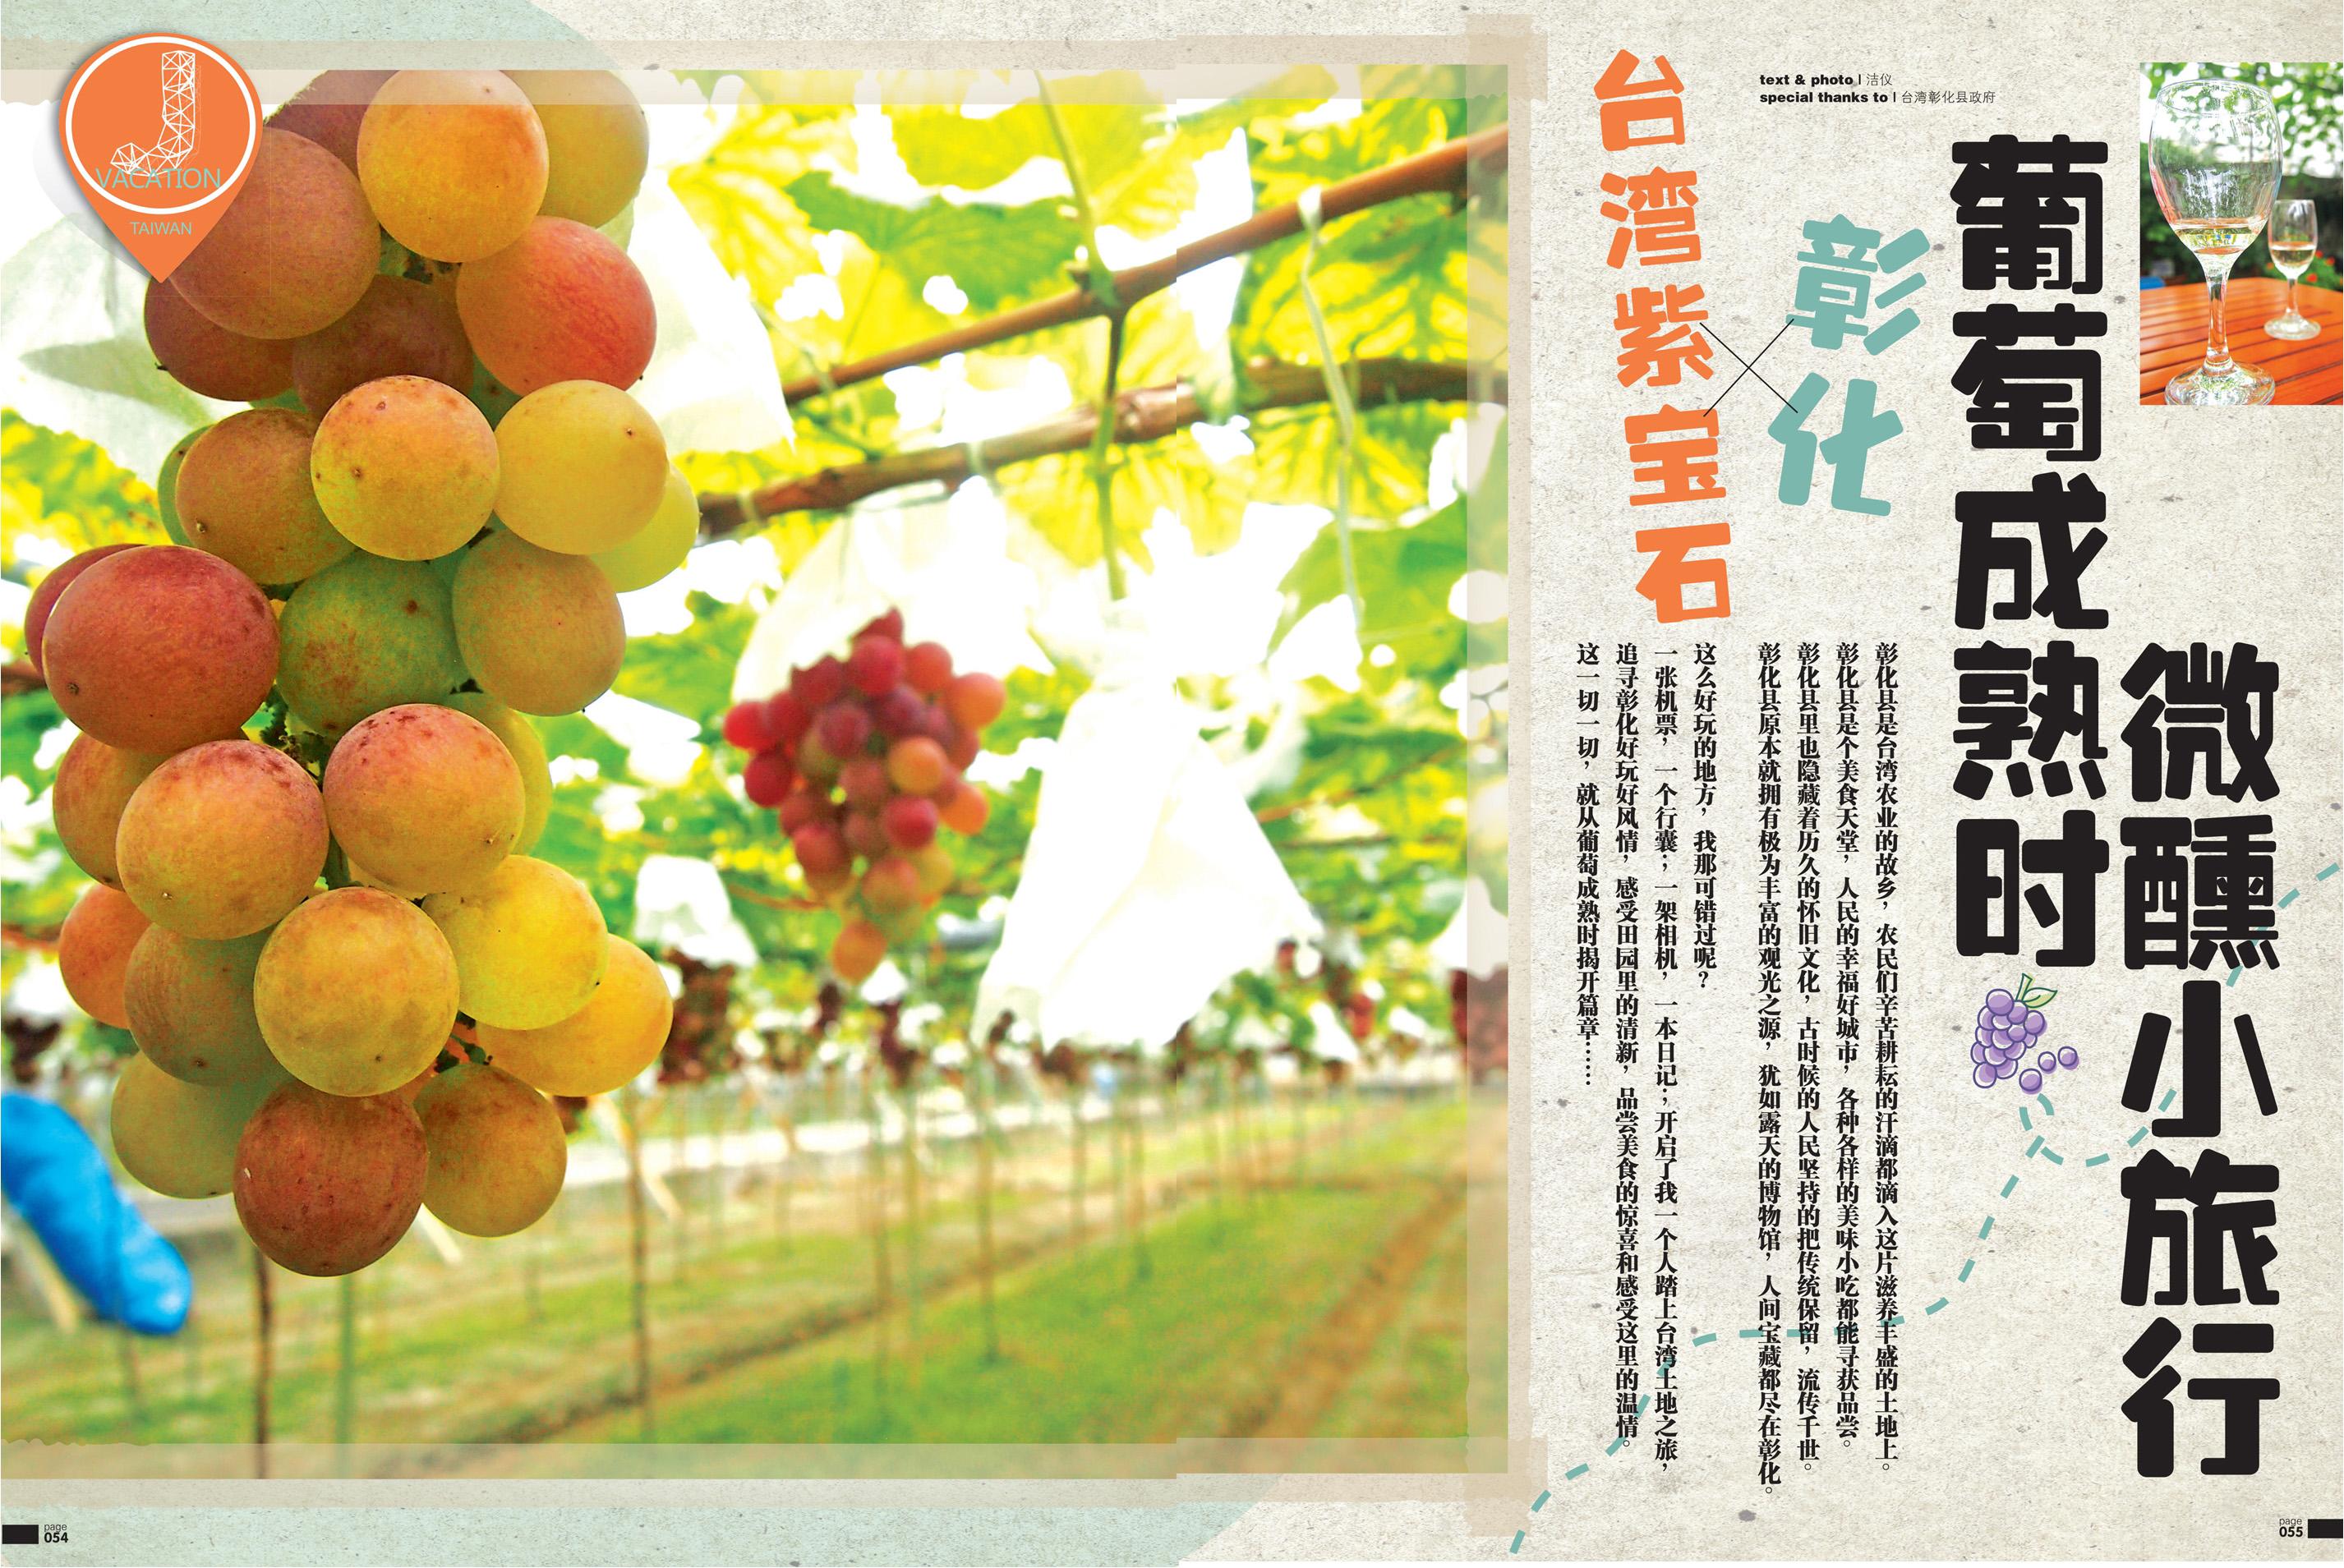 葡萄成熟时微醺小旅行 ‧ 台湾紫宝石——彰化(一)